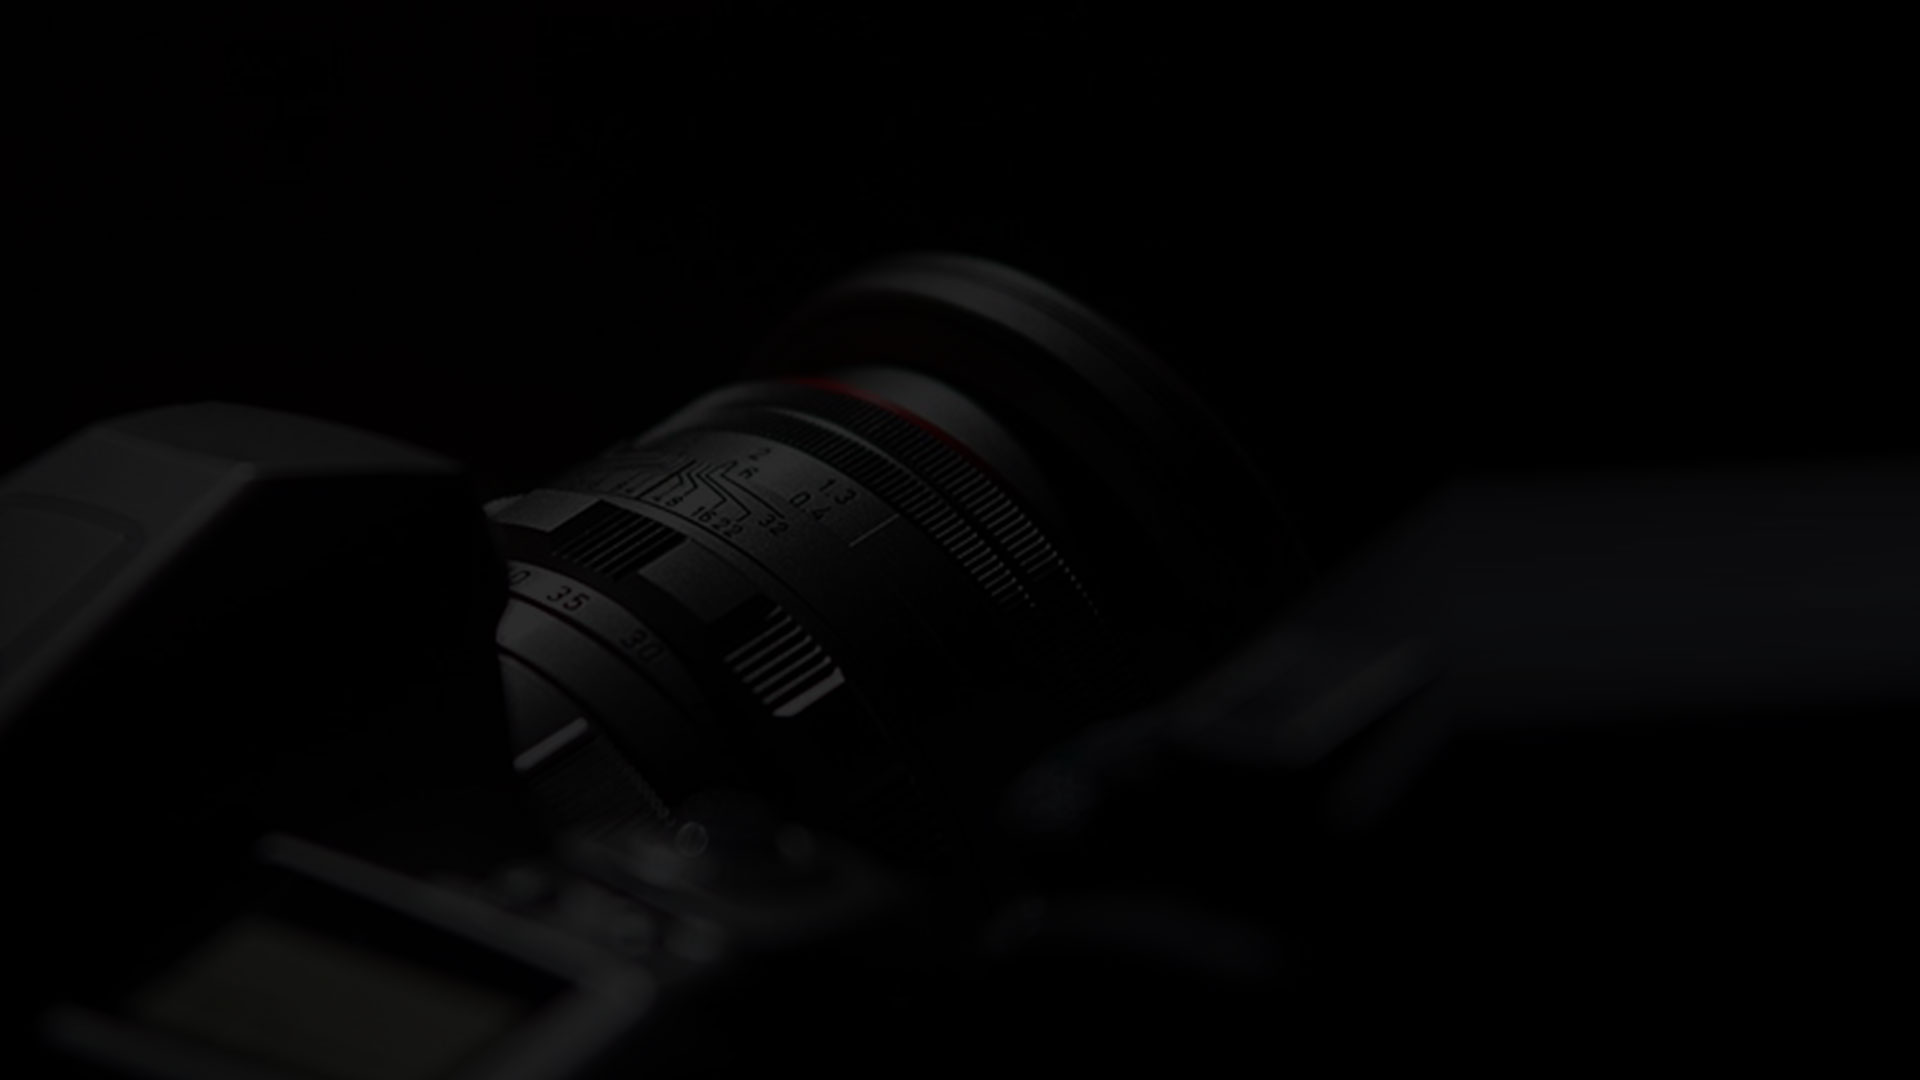 لنز دوربین- آژانس تبلیغات کربن- تبلیغات دیجیتال- دیجیتال مارکتینگ